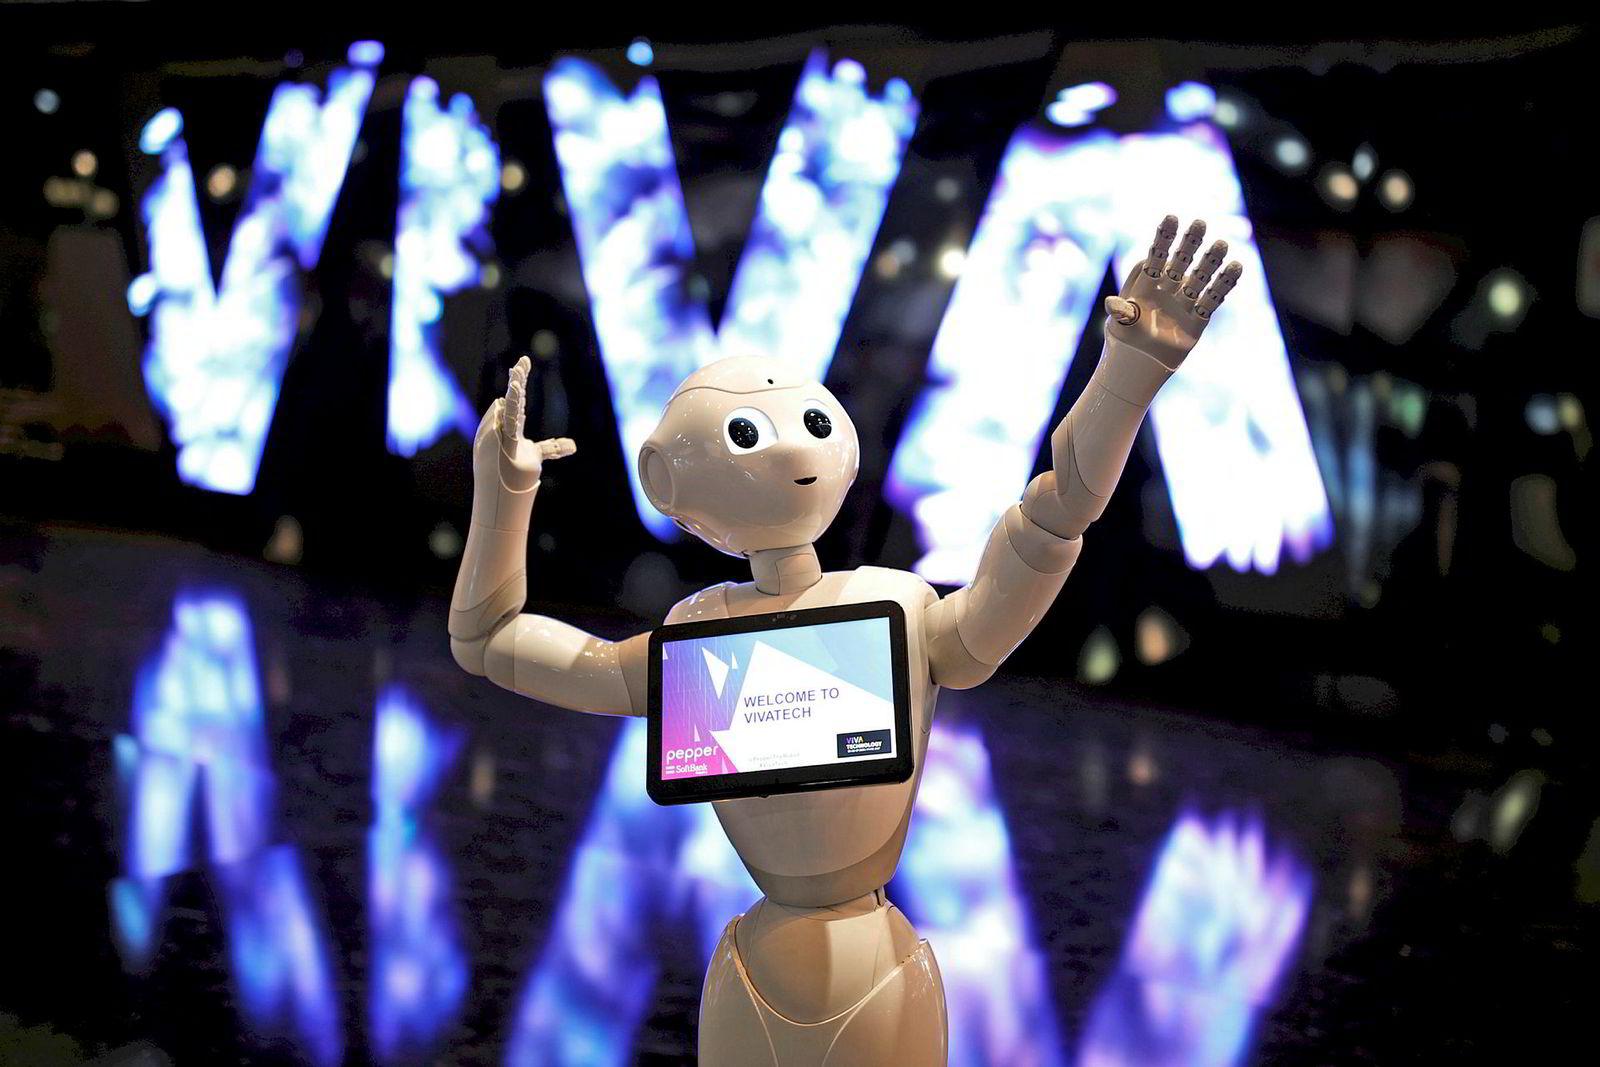 «Pepper» – én av Softbanks roboter.